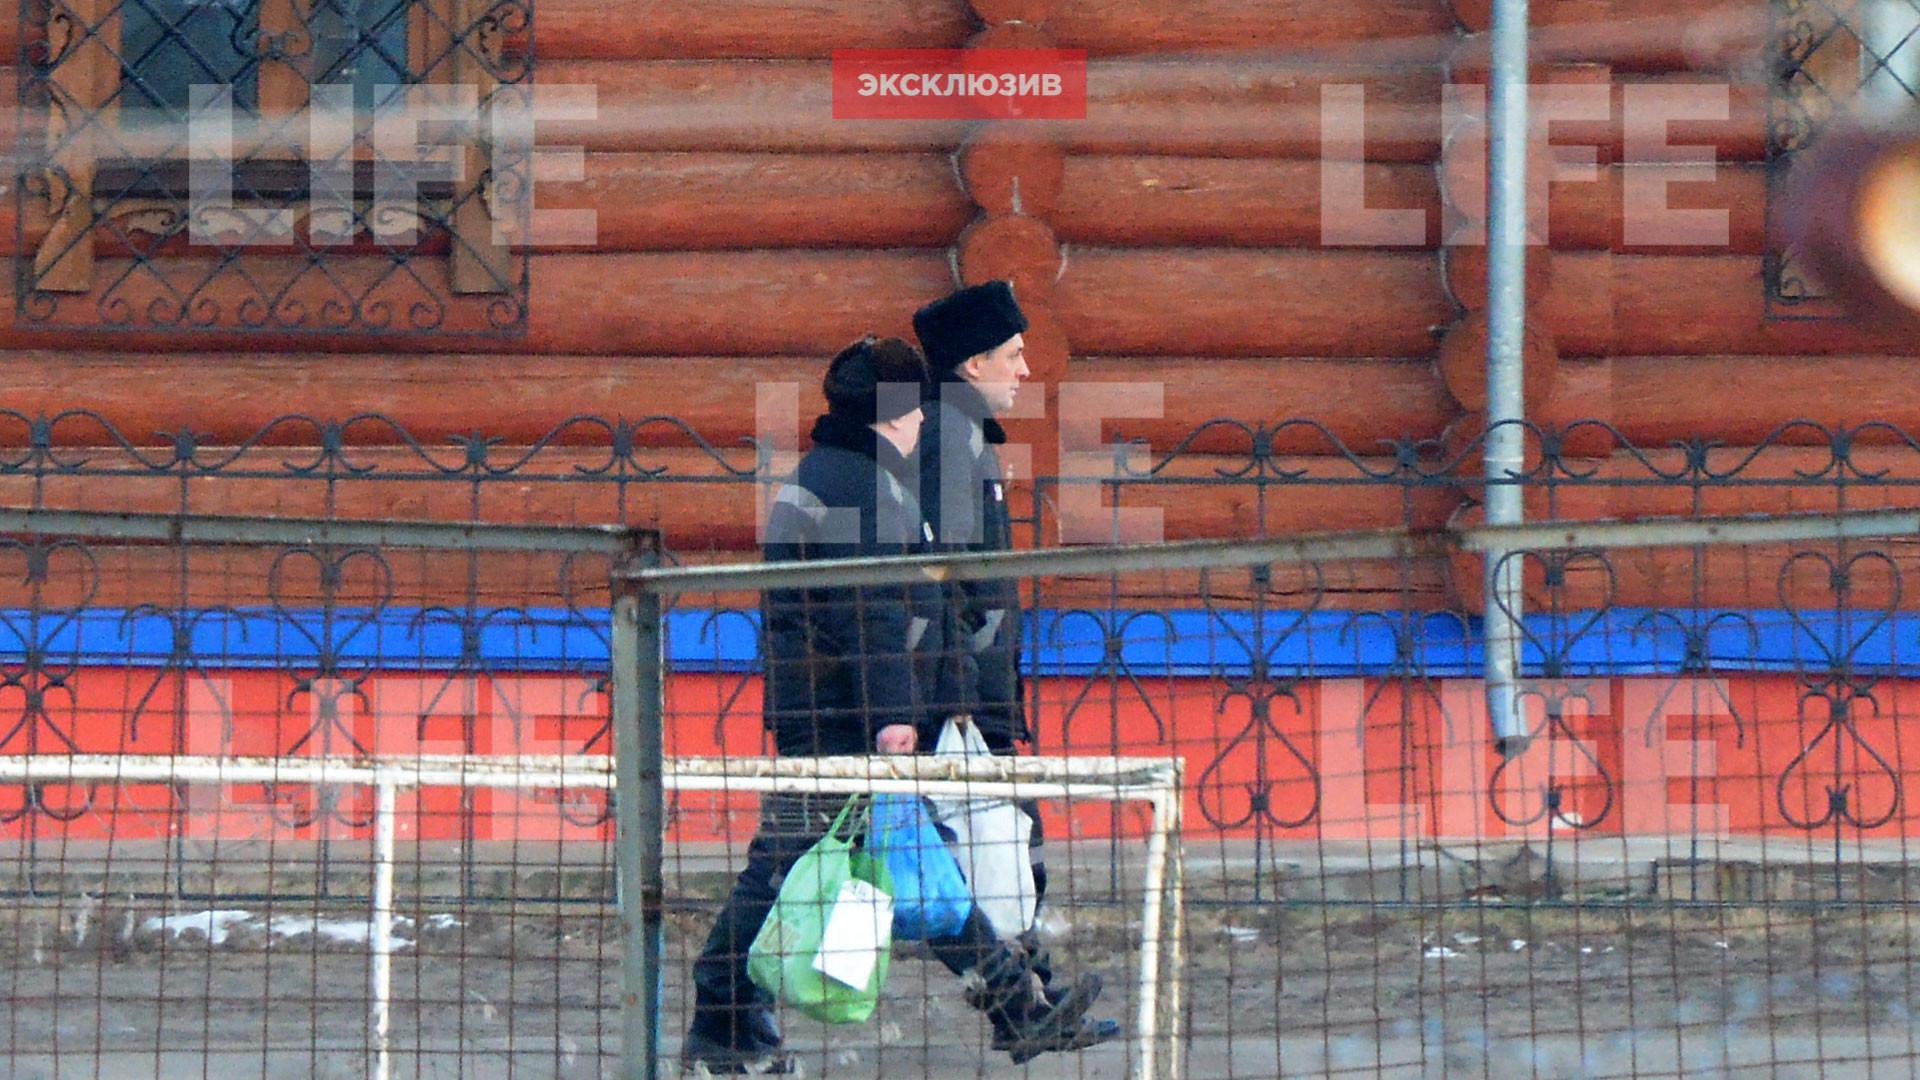 Дмитрий Захарченко (справа). Фото © LIFE